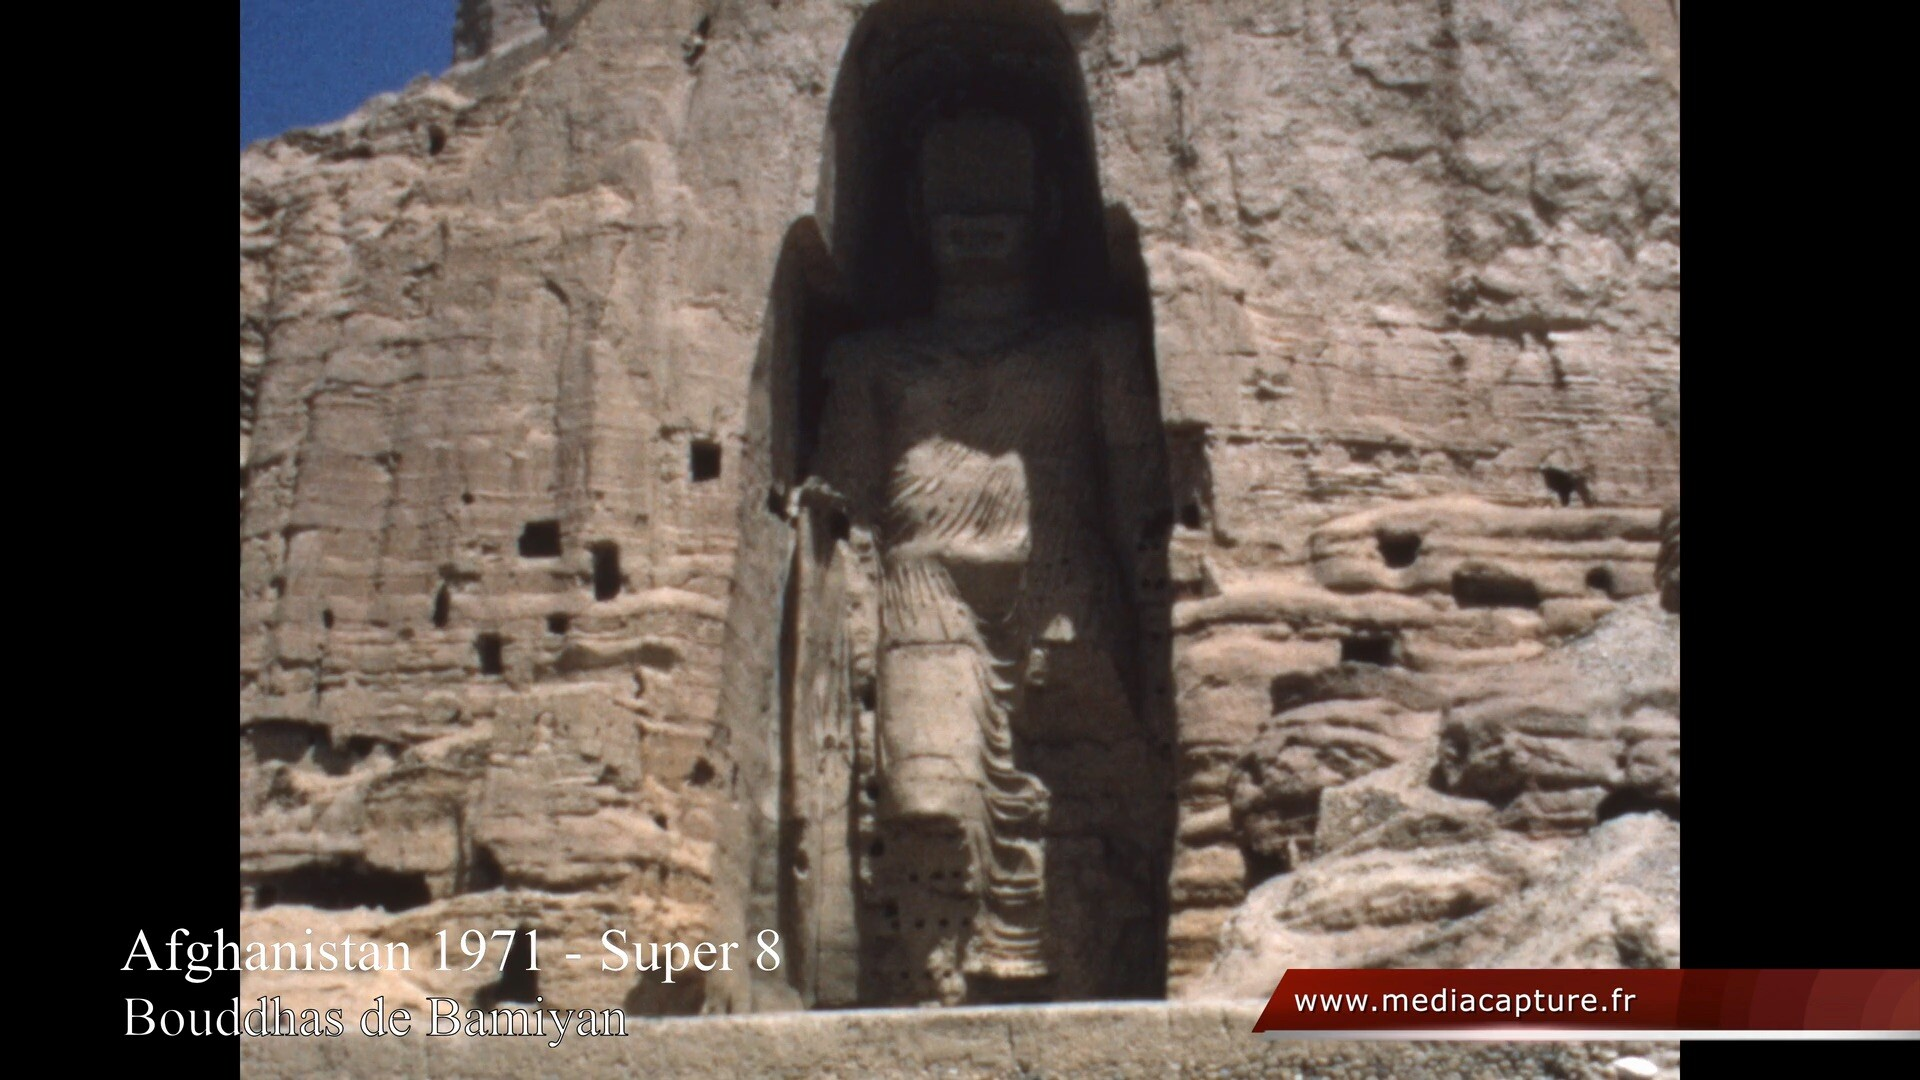 1971 Afghanistan - Vallee de Bamiyan - Bouddhas de Bamiyan